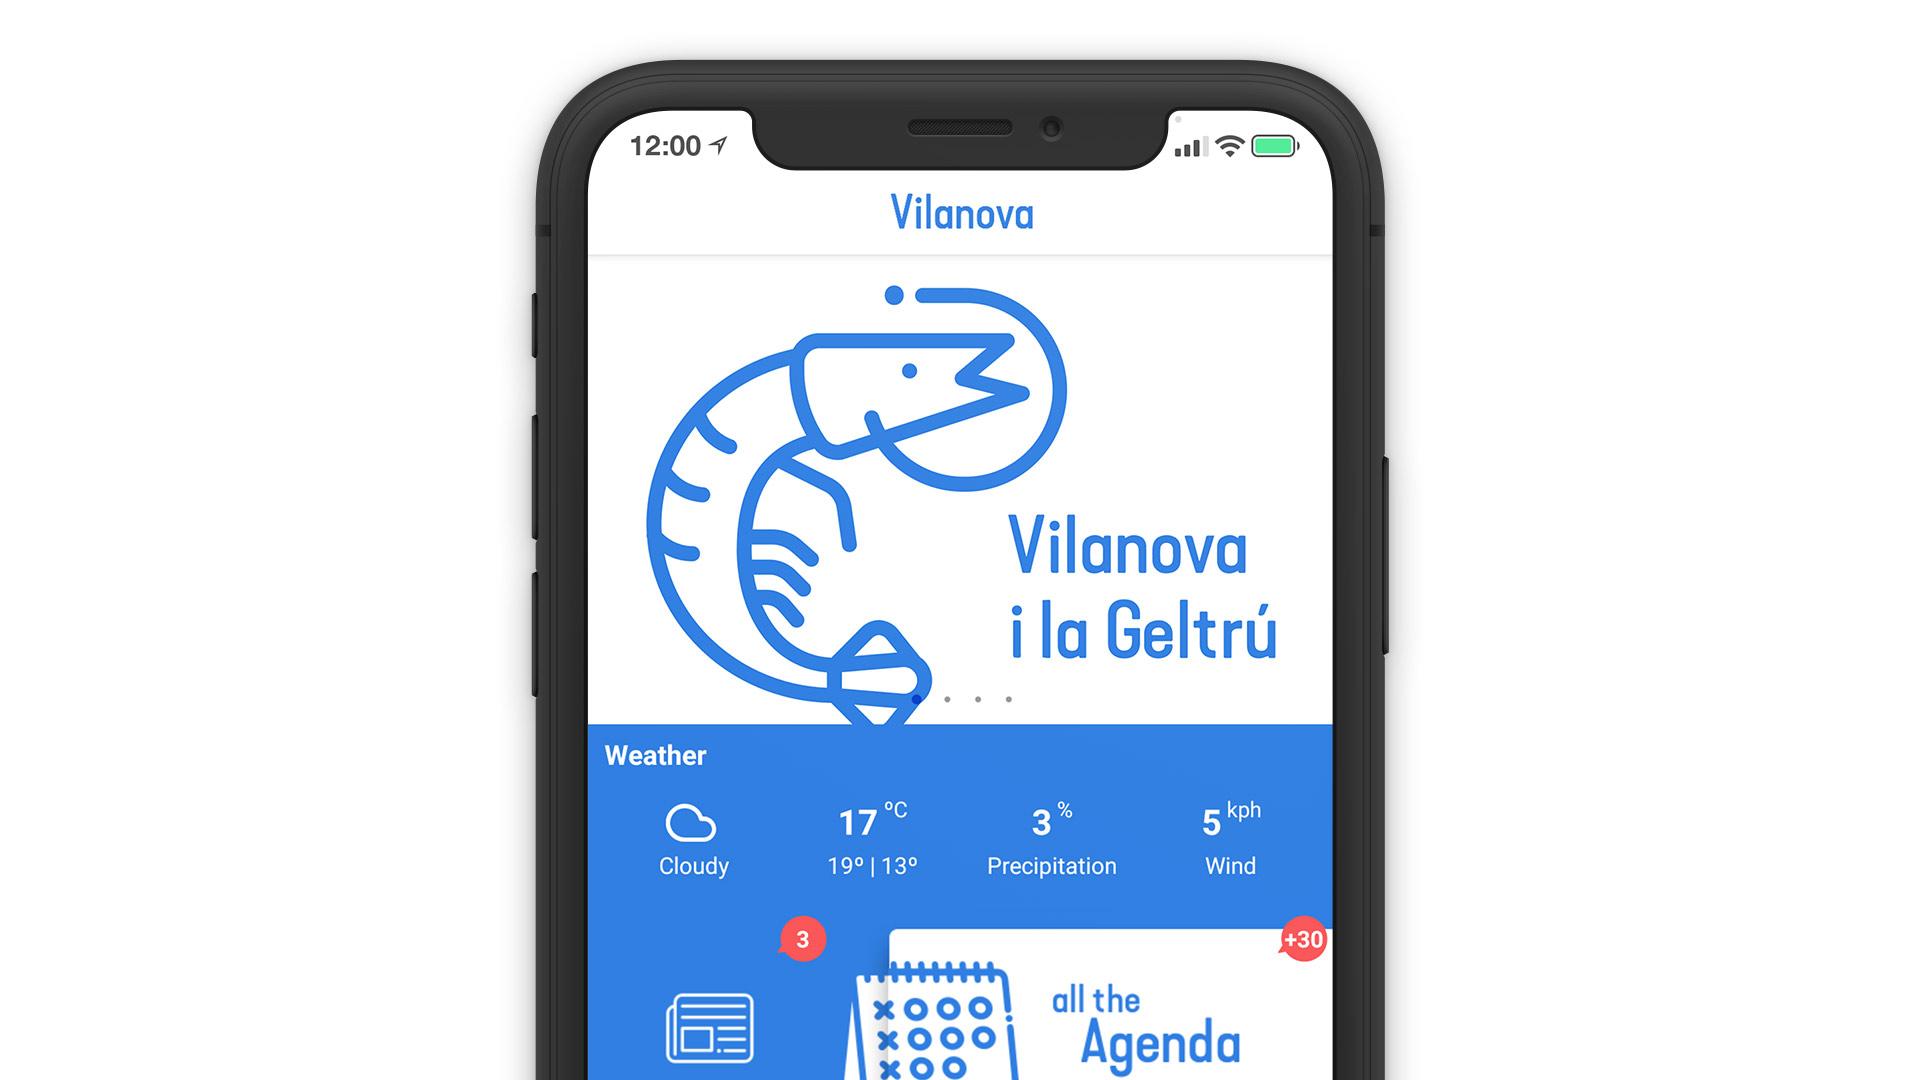 Vilanova App Online Direct Booking System Reservation Solution Mobile Laptop